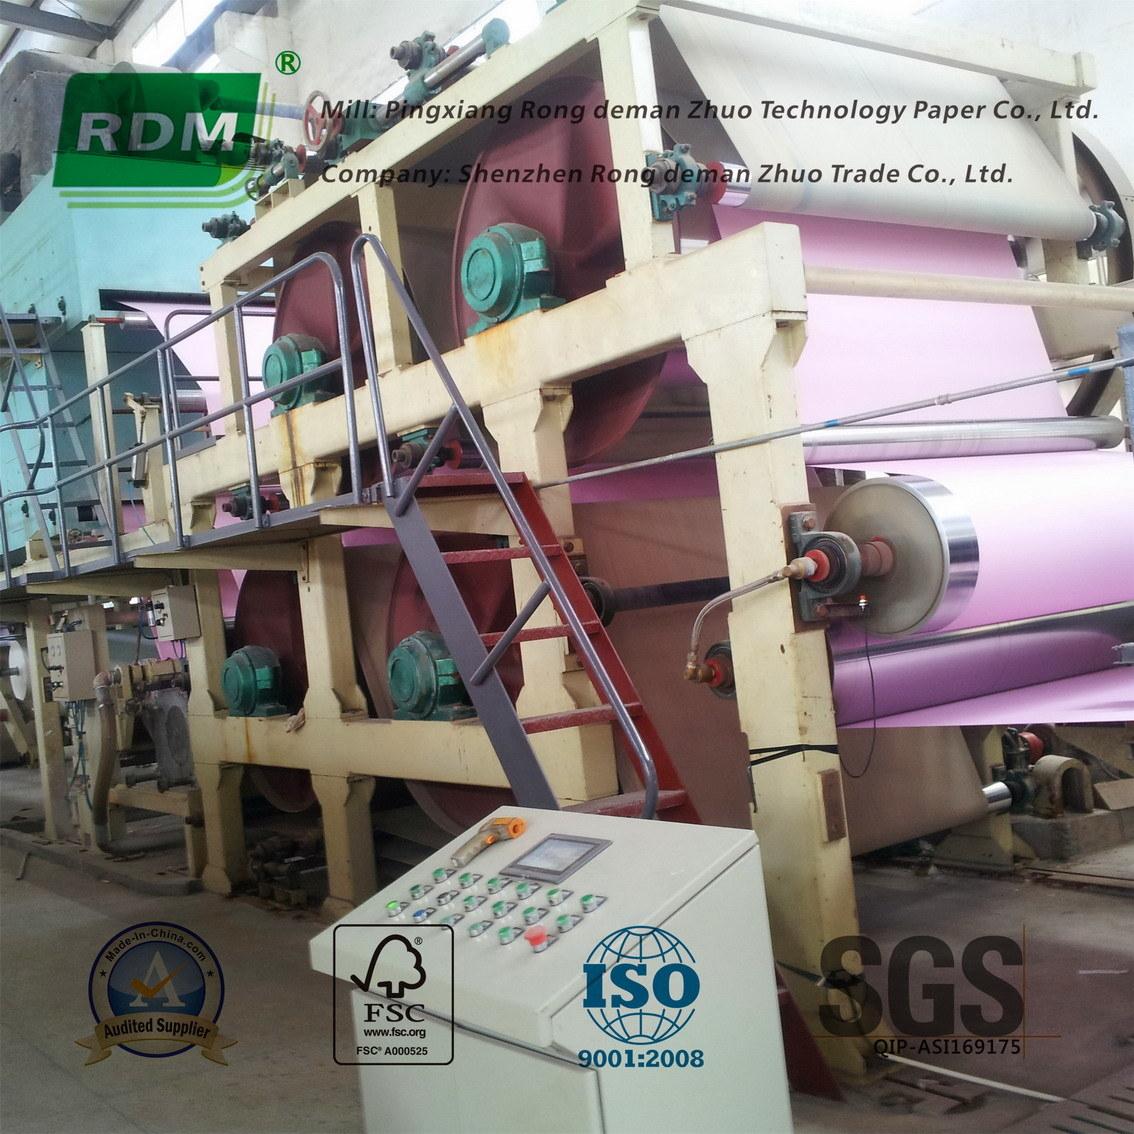 Carbonless Paper in Reels